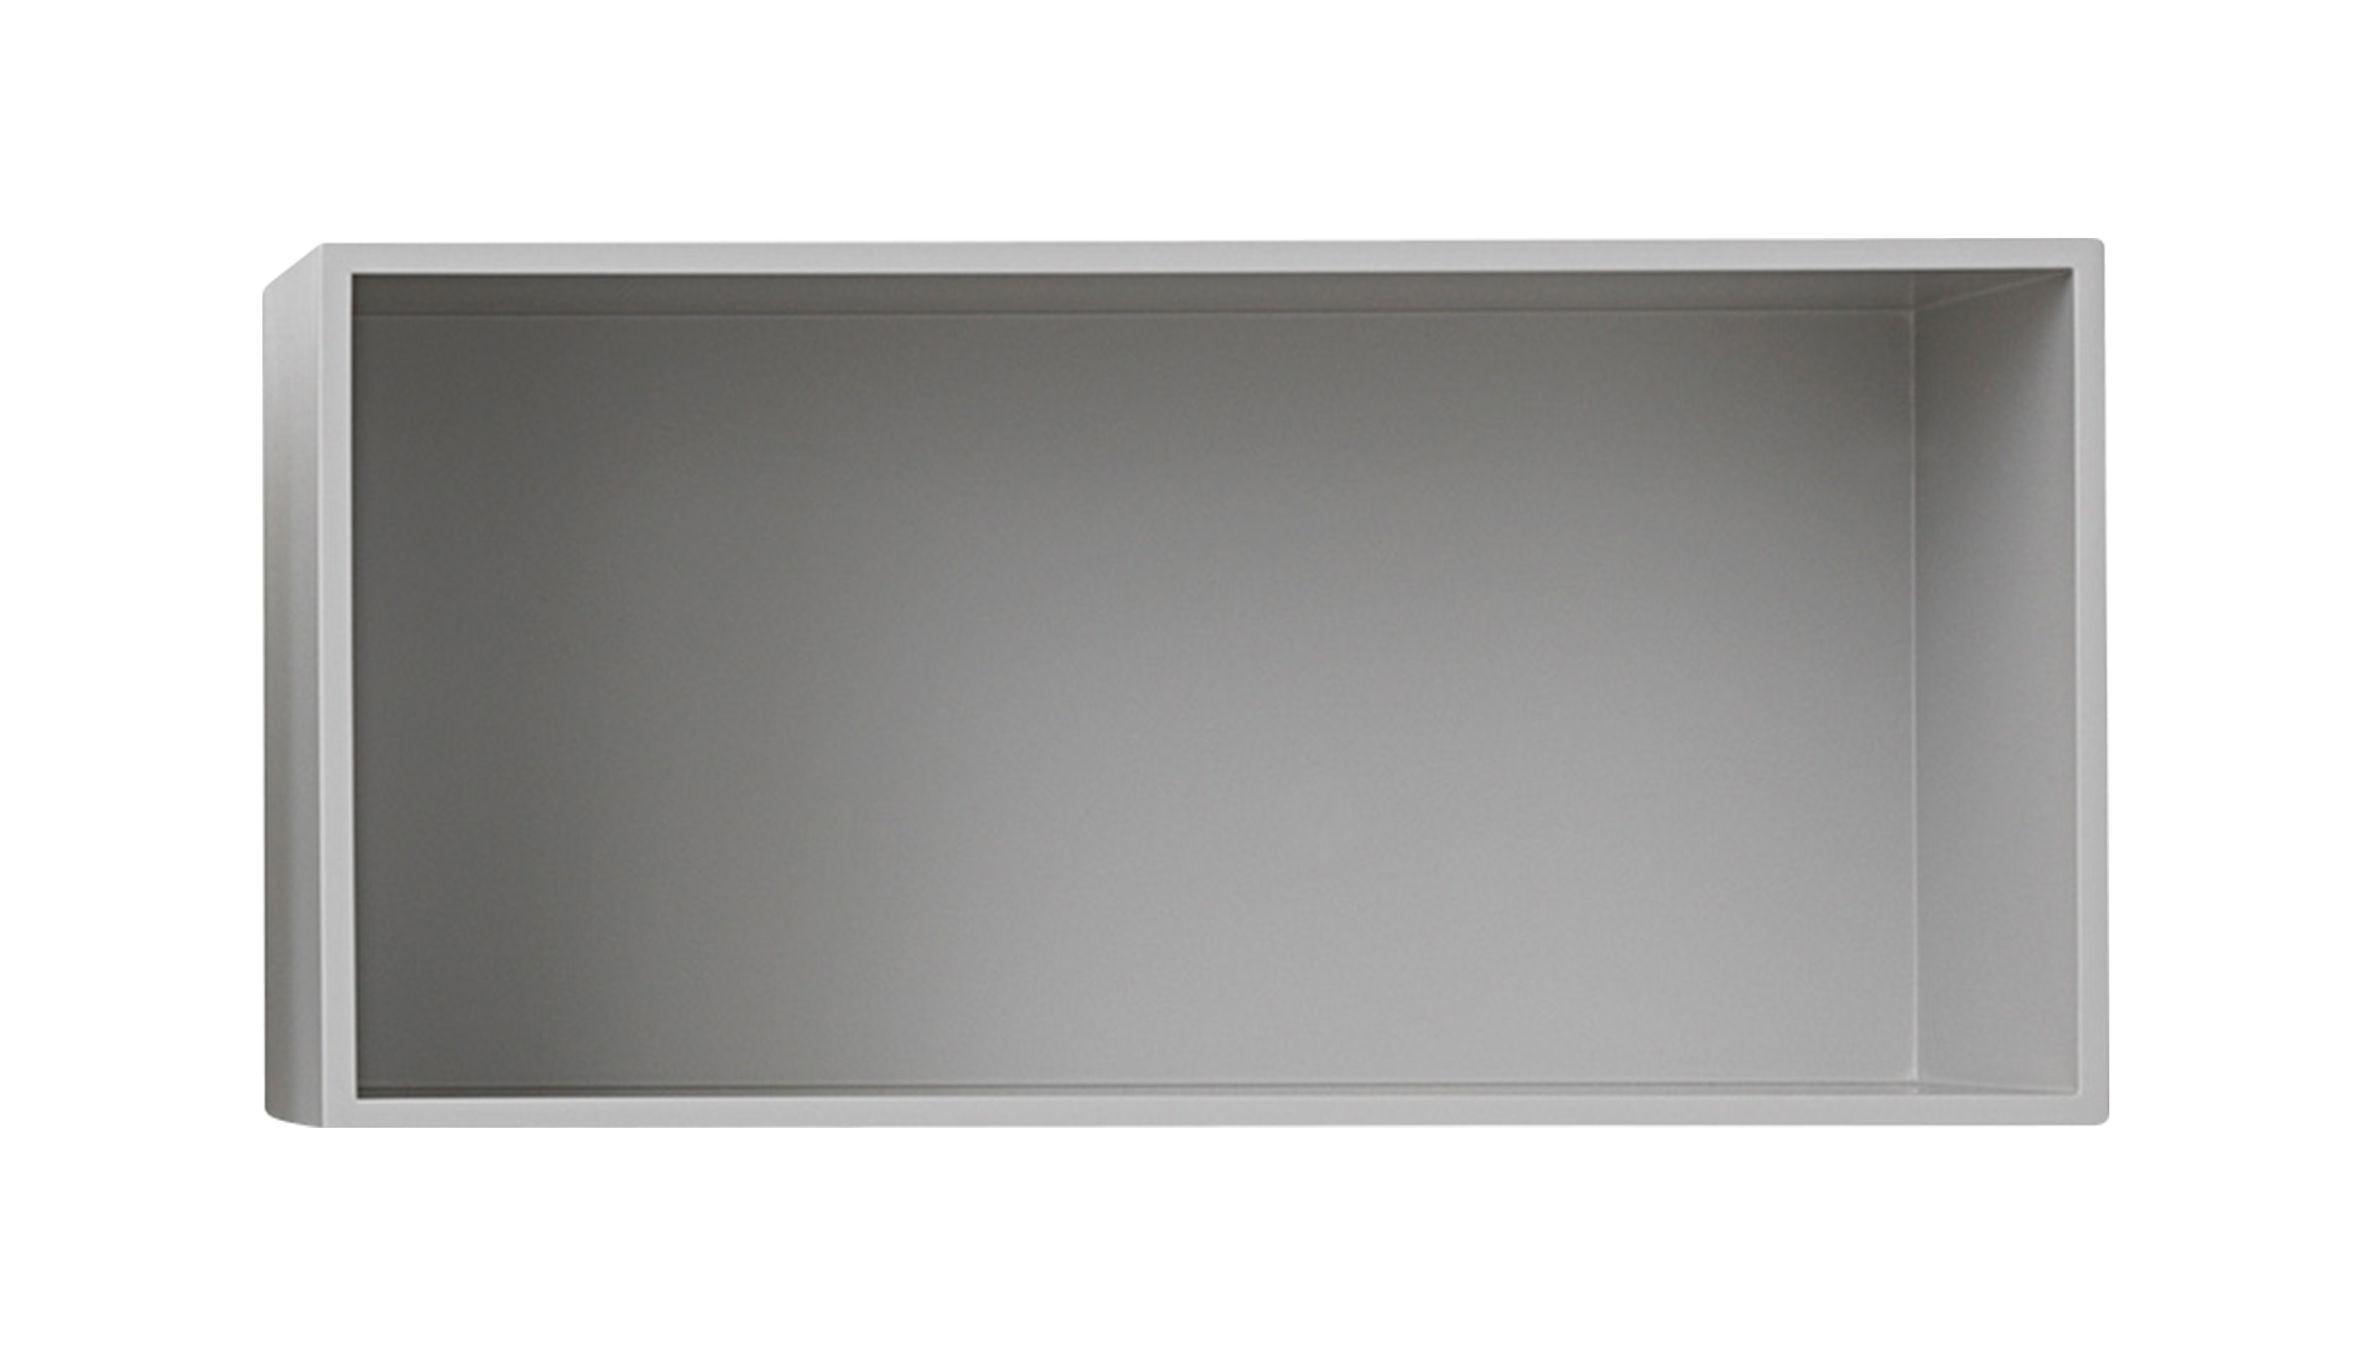 Mobilier - Etagères & bibliothèques - Etagère Mini Stacked 2.0 / Large rectangulaire 49x24 cm / Avec fond - Muuto - Gris clair - MDF peint